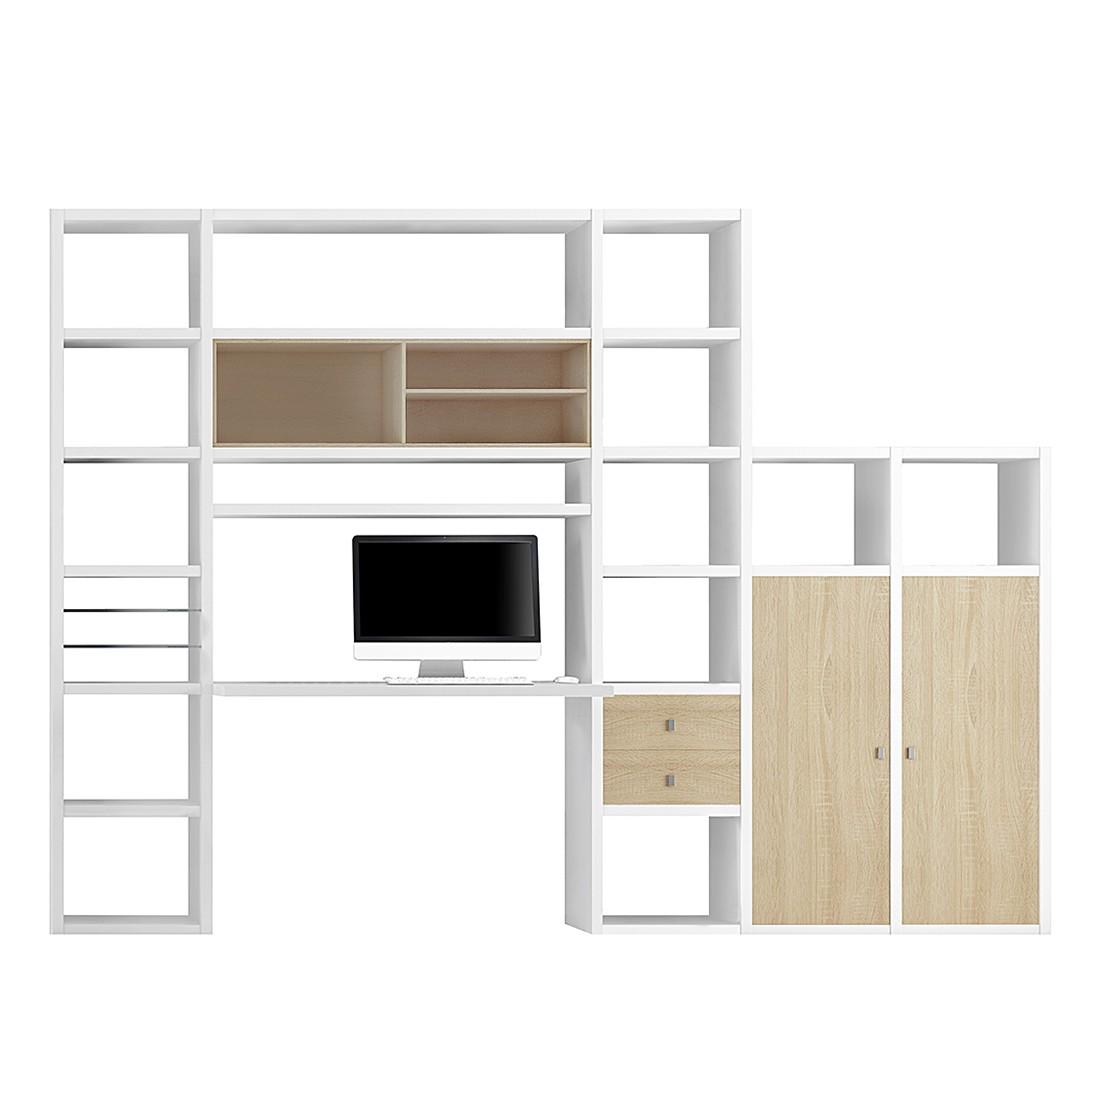 Wohnkombination Emporior I - Eiche Dekor / Weiß, loftscape